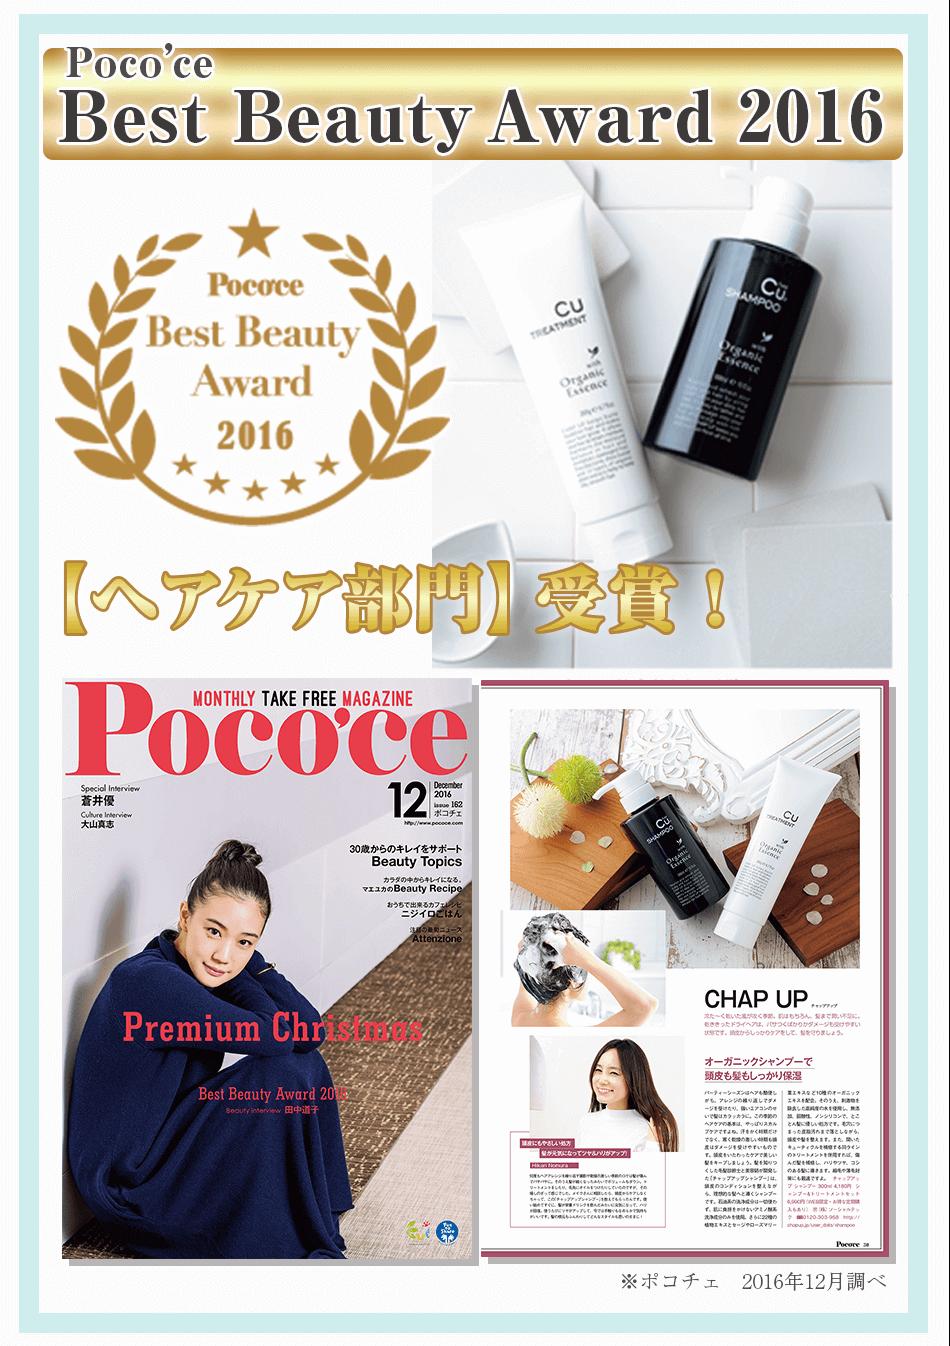 Pococe Best Award 2016 ヘアケア部門受賞!